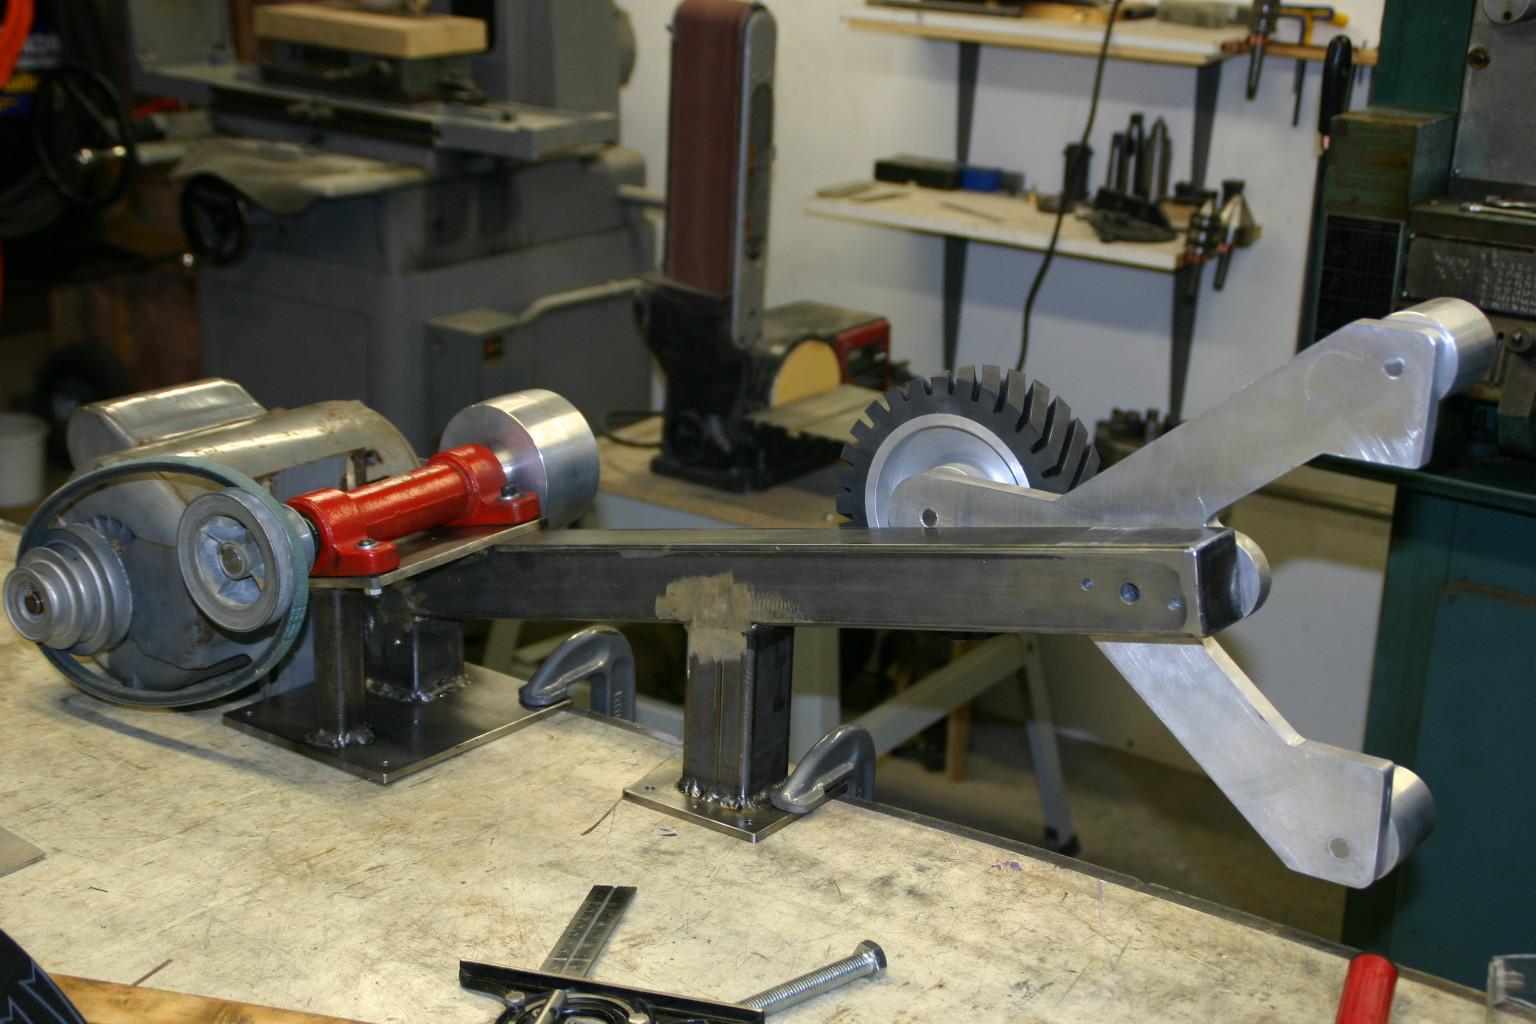 Struts And Shocks >> DIY 2x72 Sander/Grinder - Grinders, Sanders, etc - I Forge ...